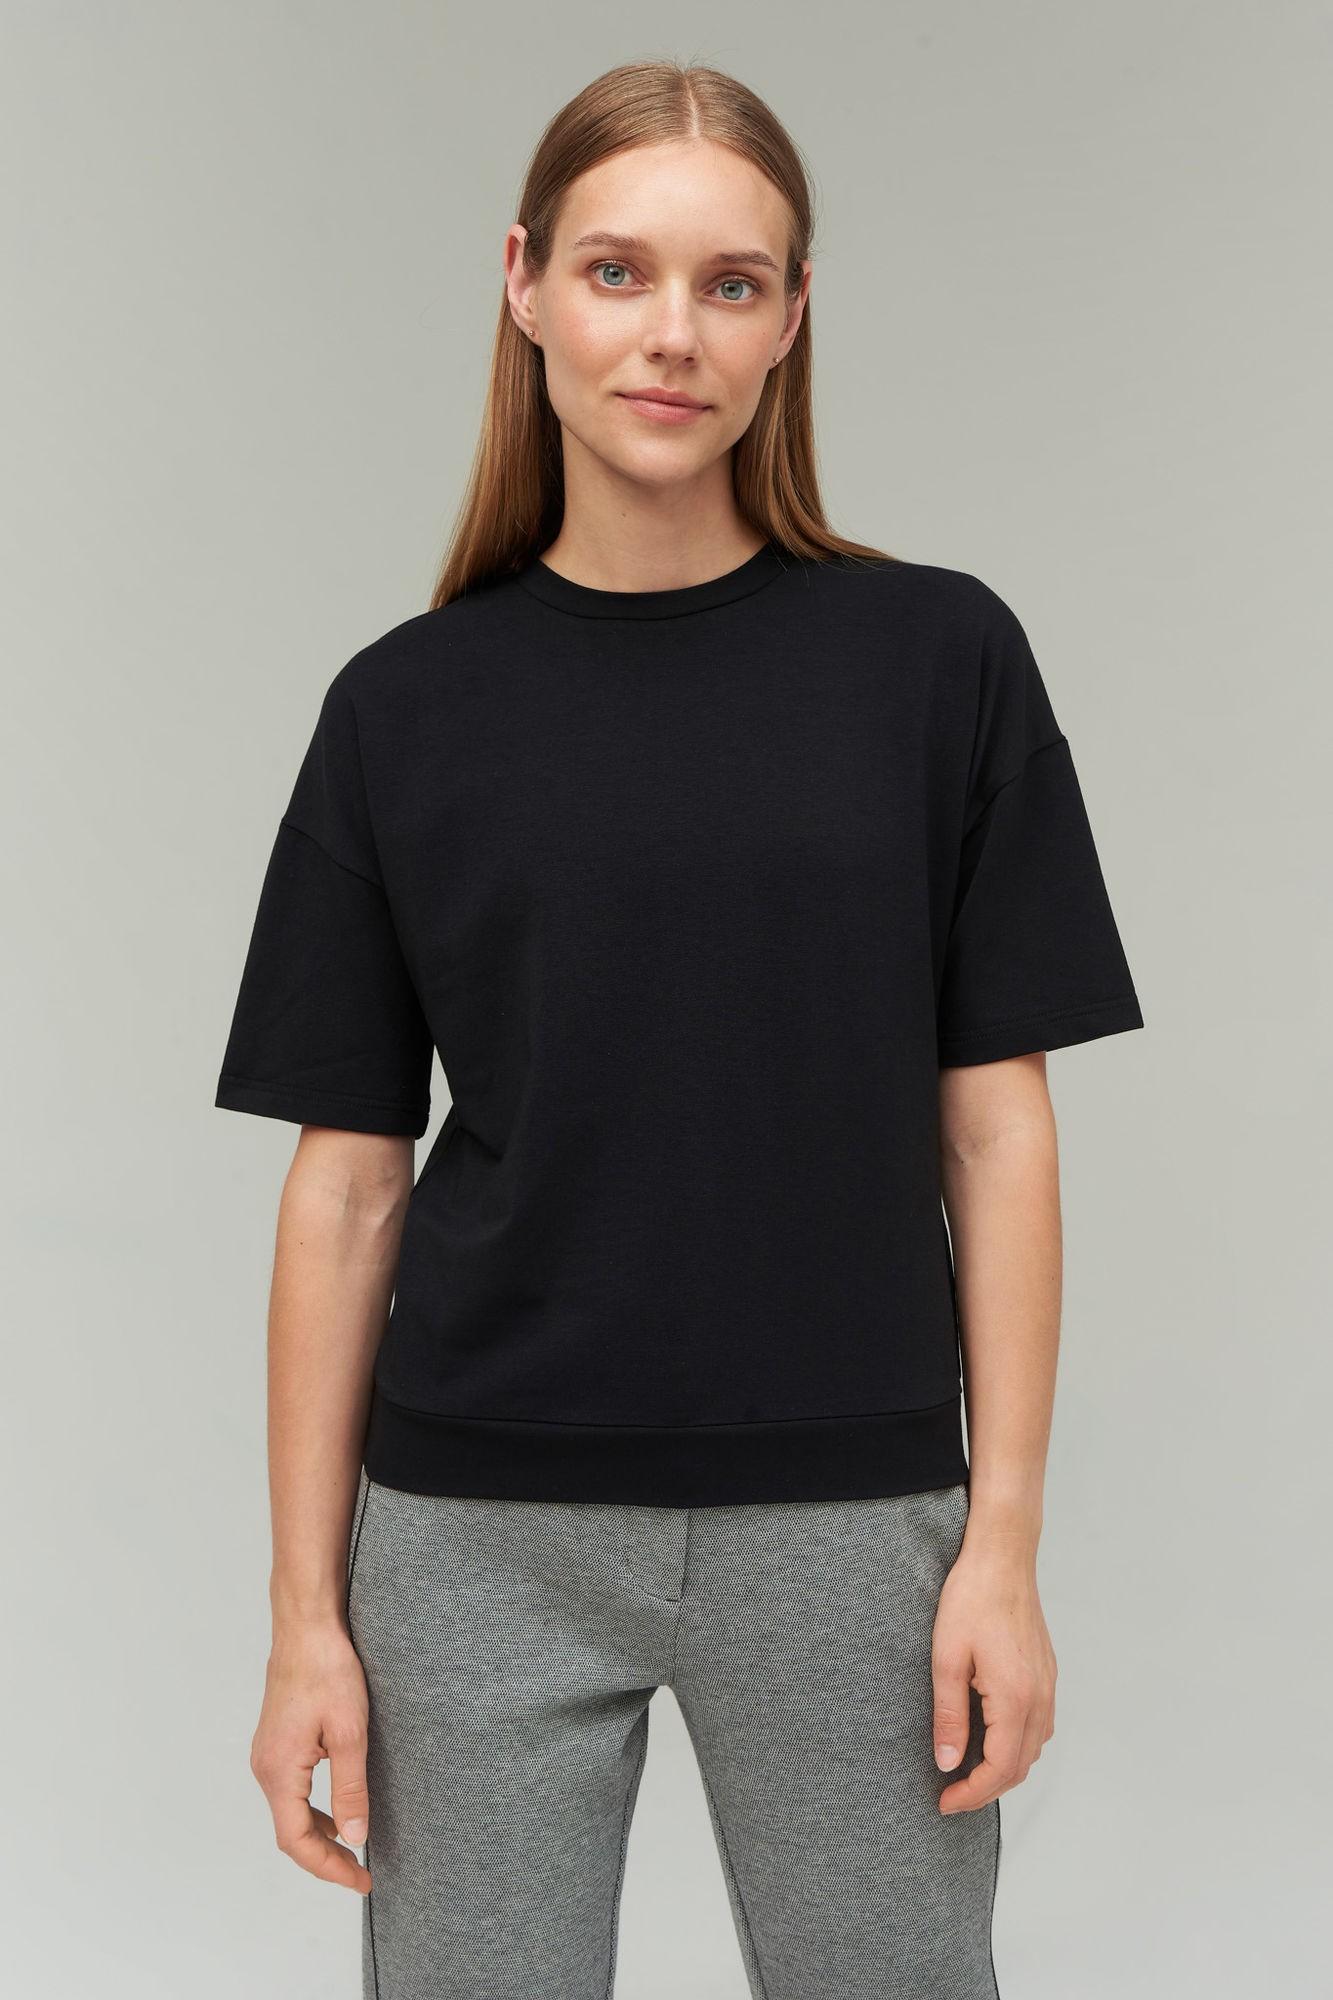 AUDIMAS Švelnūs modalo marškinėliai 2021-023 Black L